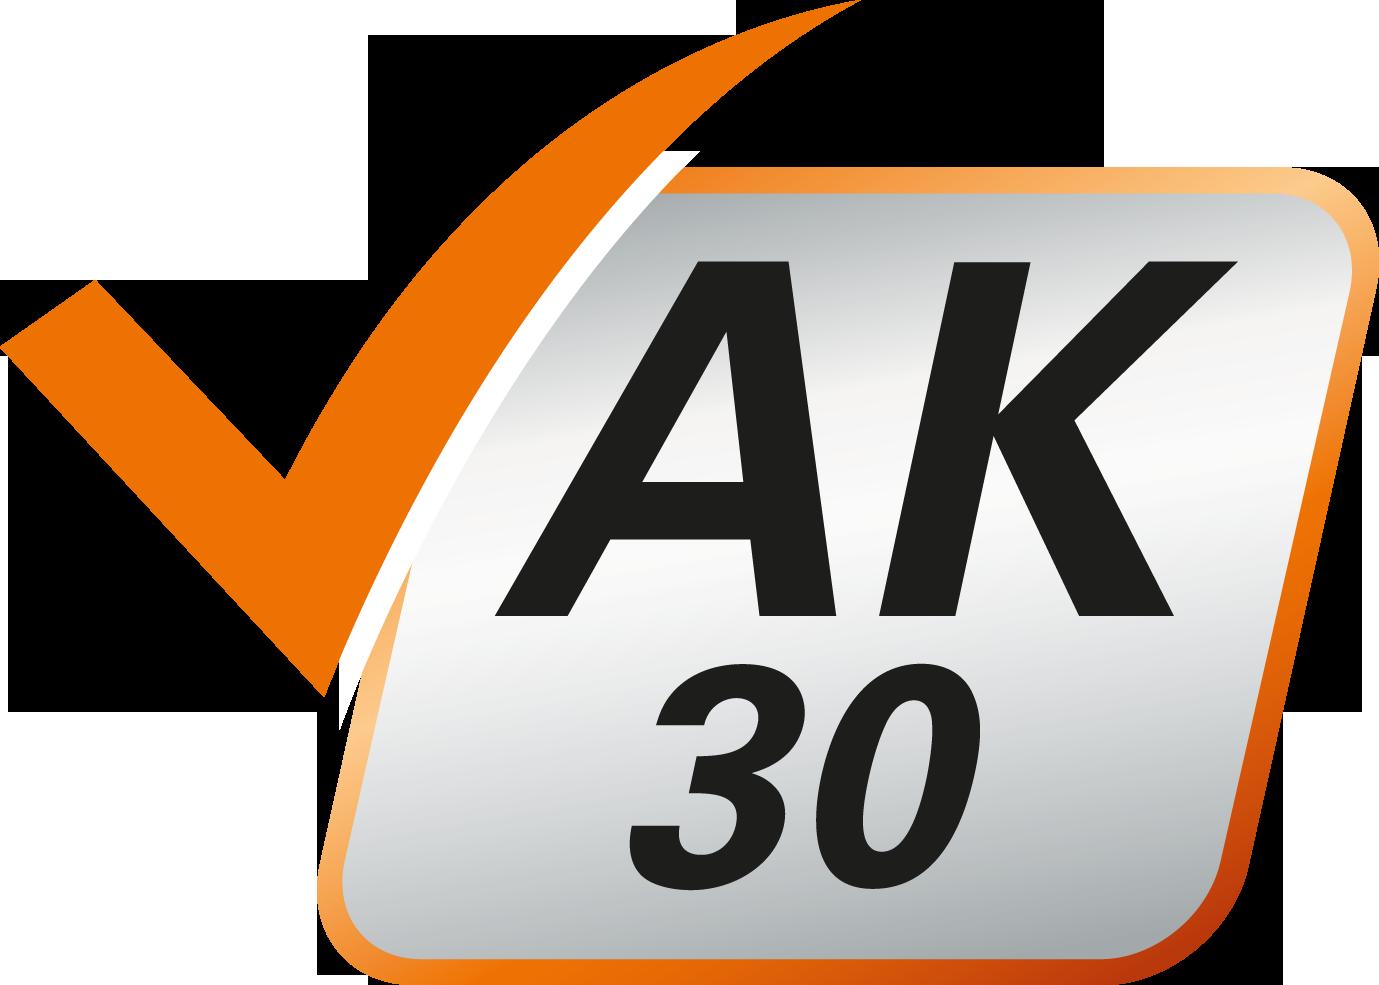 Stihl Akku Logos